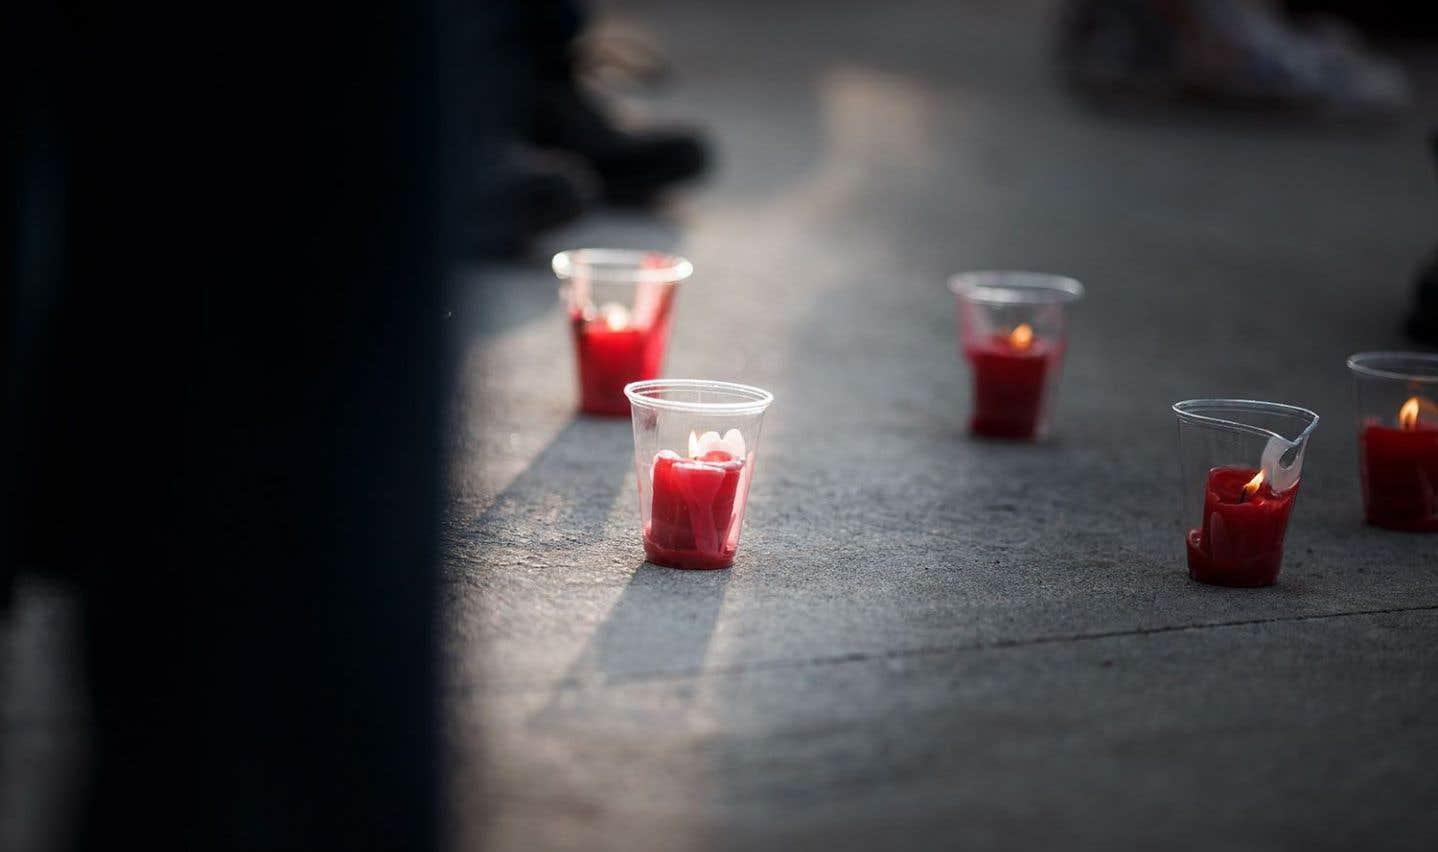 La vague de suicides chez les autochtones était «évitable», selon le coroner